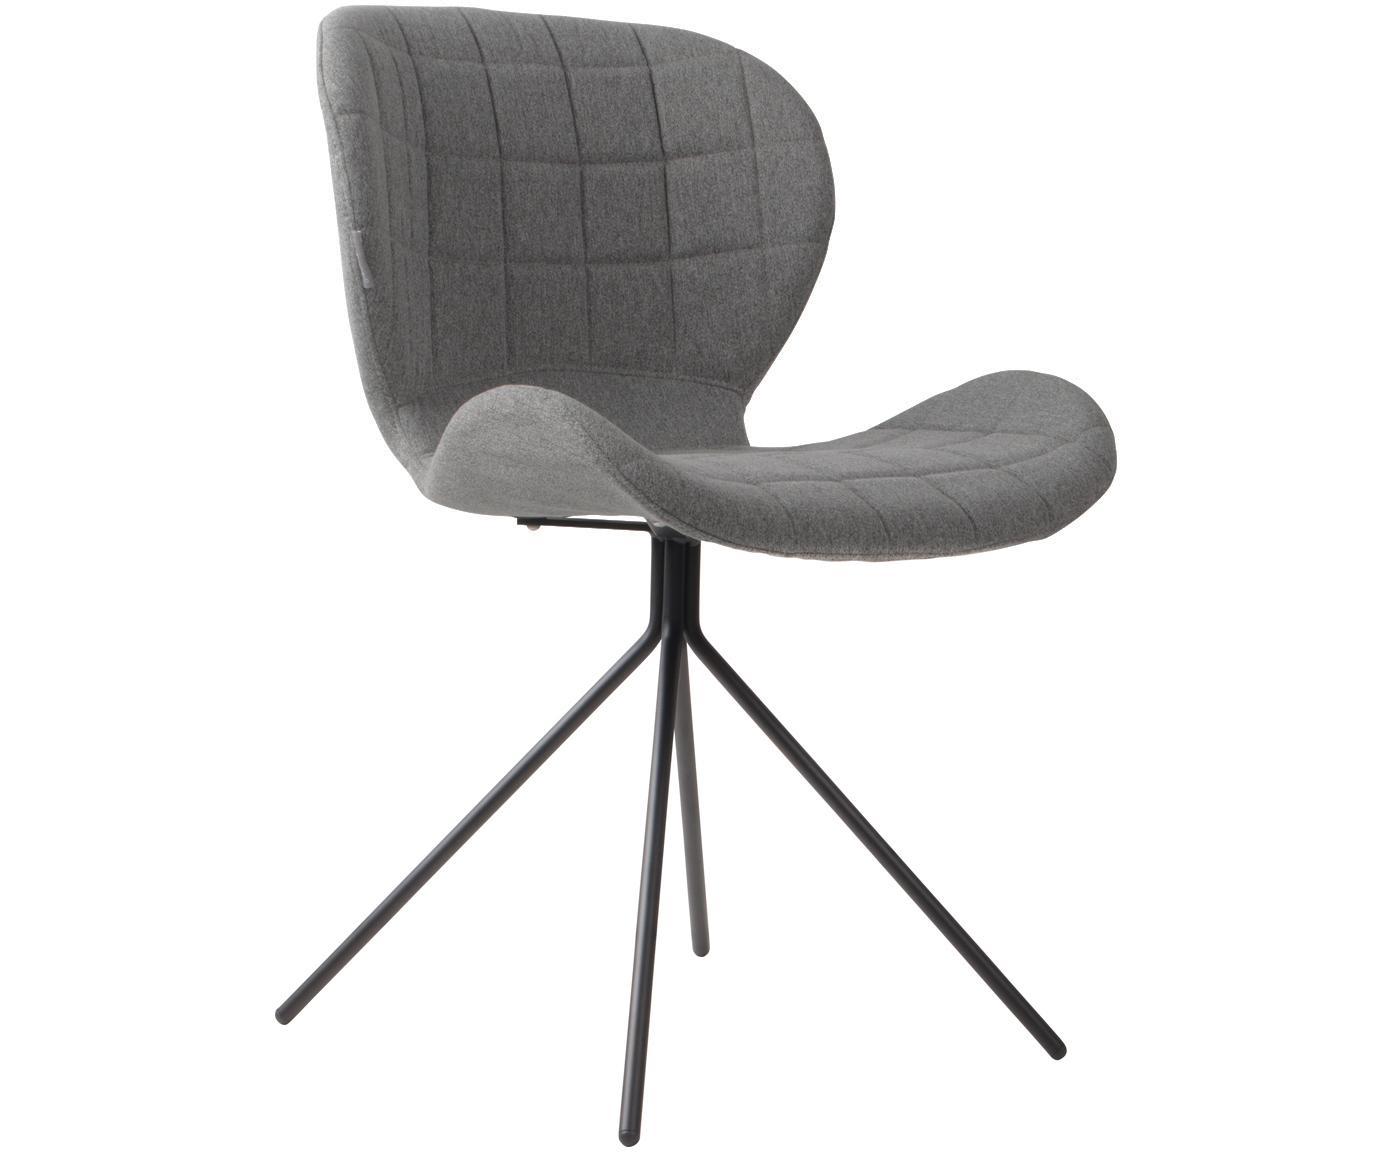 Krzesło tapicerowane OMG, Tapicerka: poliester 50000 cykli w , Stelaż: stal, malowana proszkowo, Korpus: płyta wiórowa, Jasnoszary, S 51 x W 80 cm